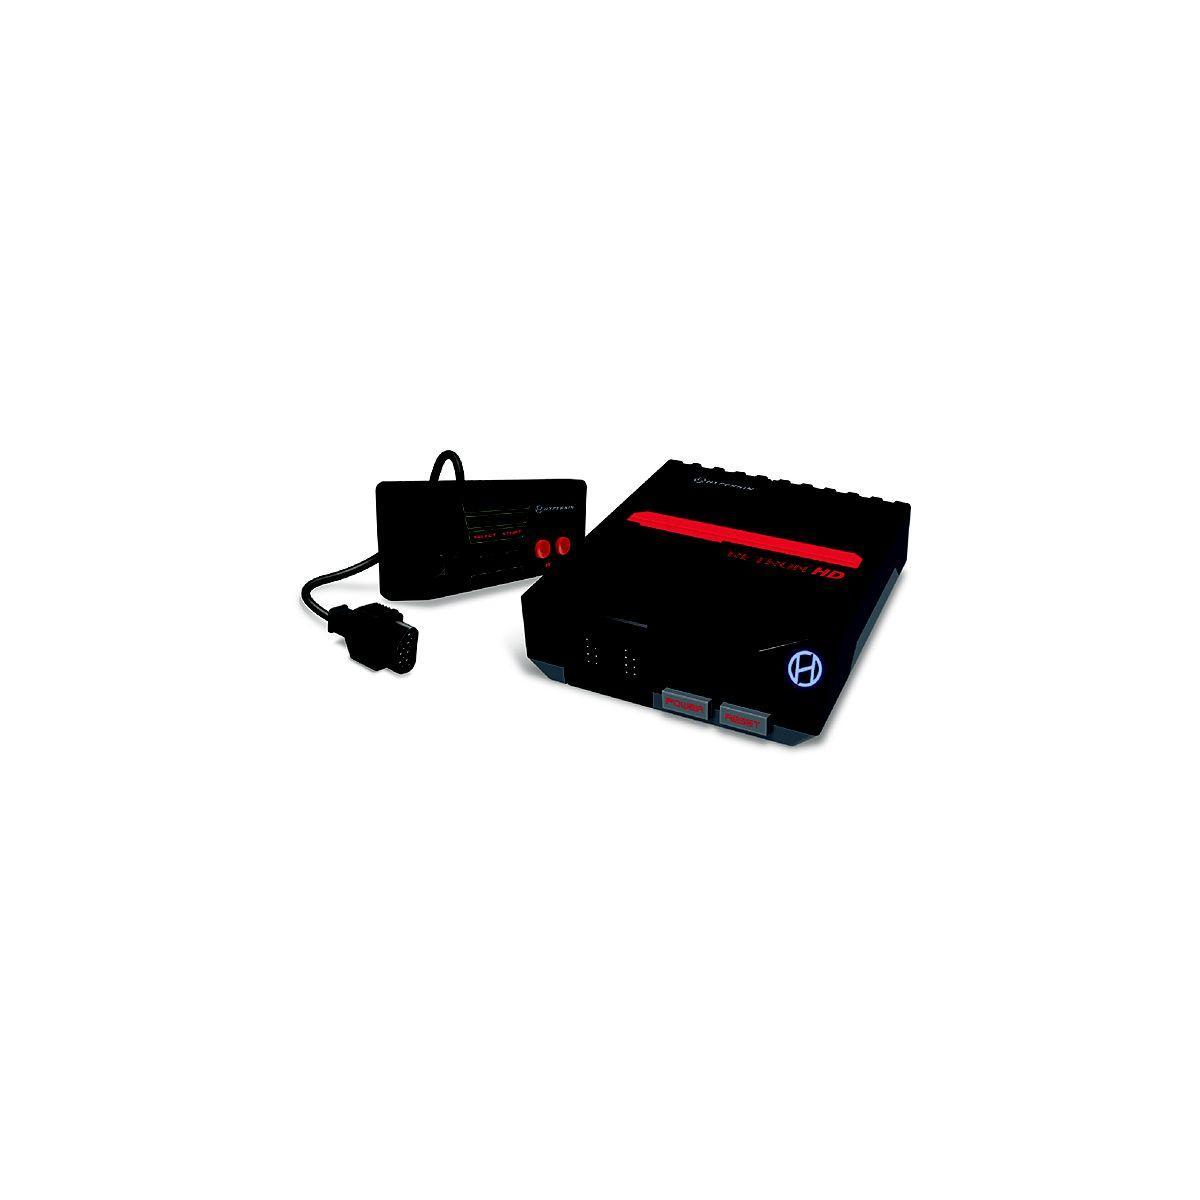 Console r�tro hyperkin retron 5 hd noire - 7% de remise imm�diate avec le code : deal7 (photo)